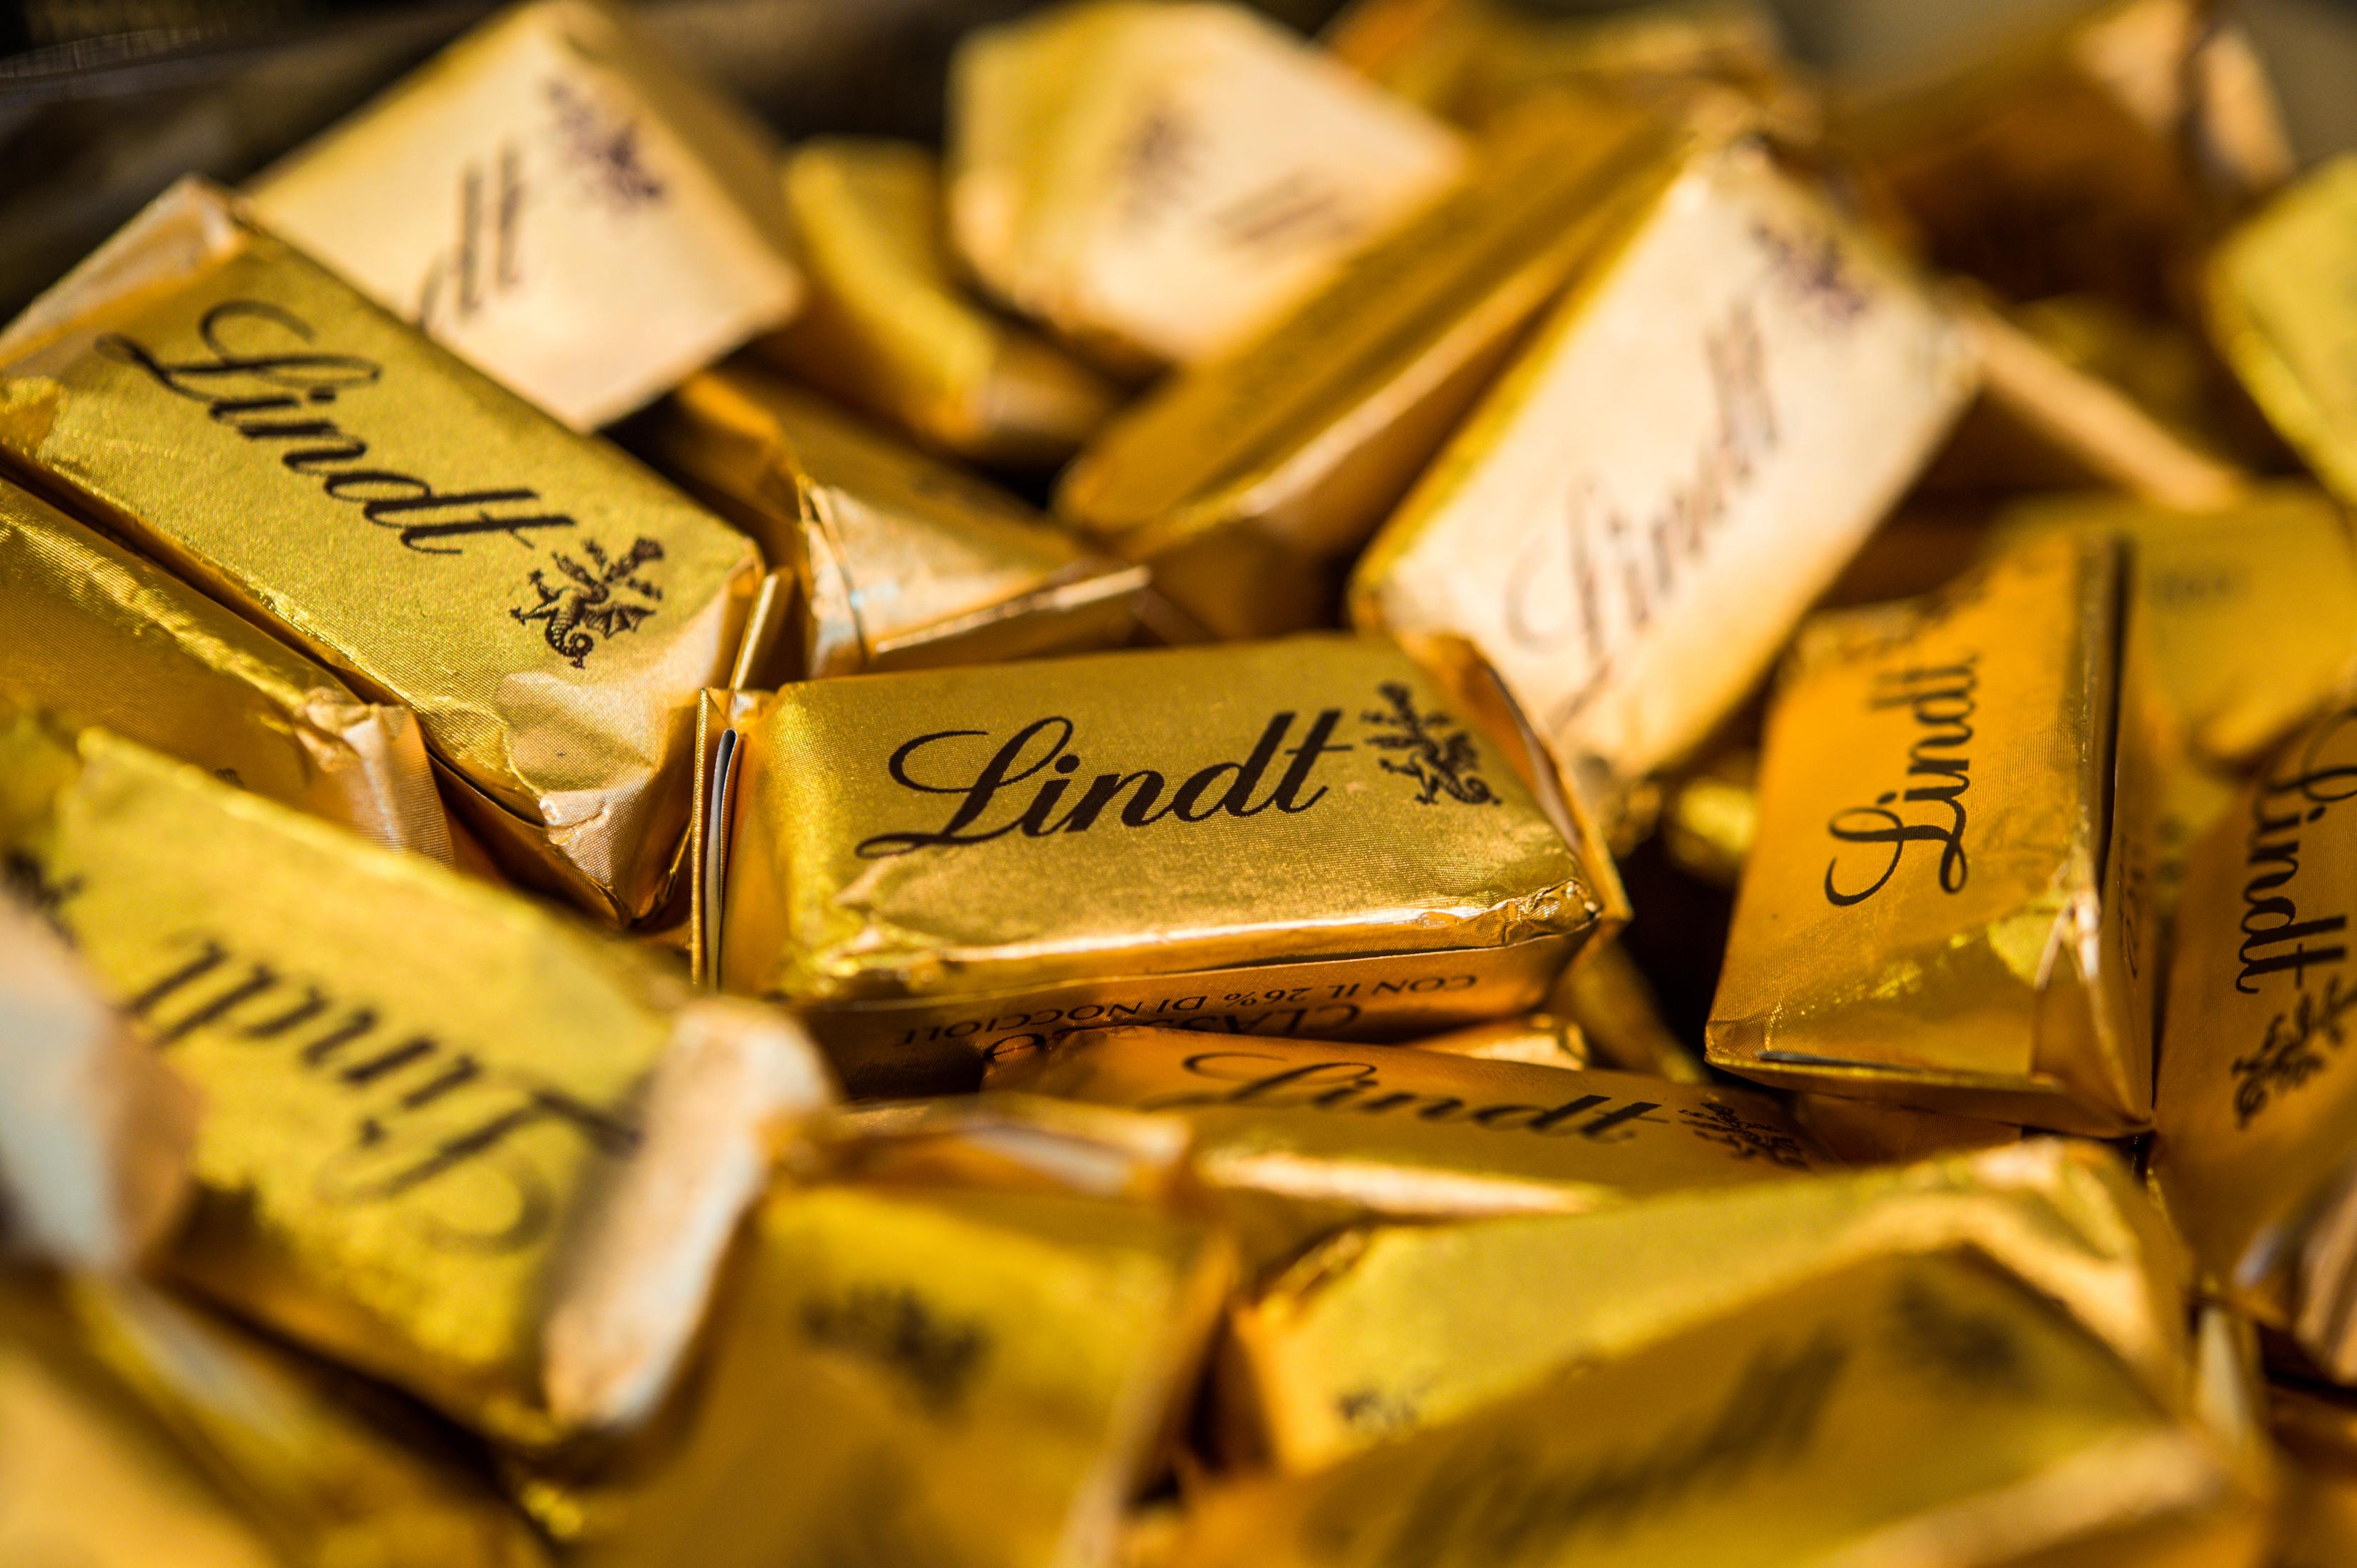 lindt-9